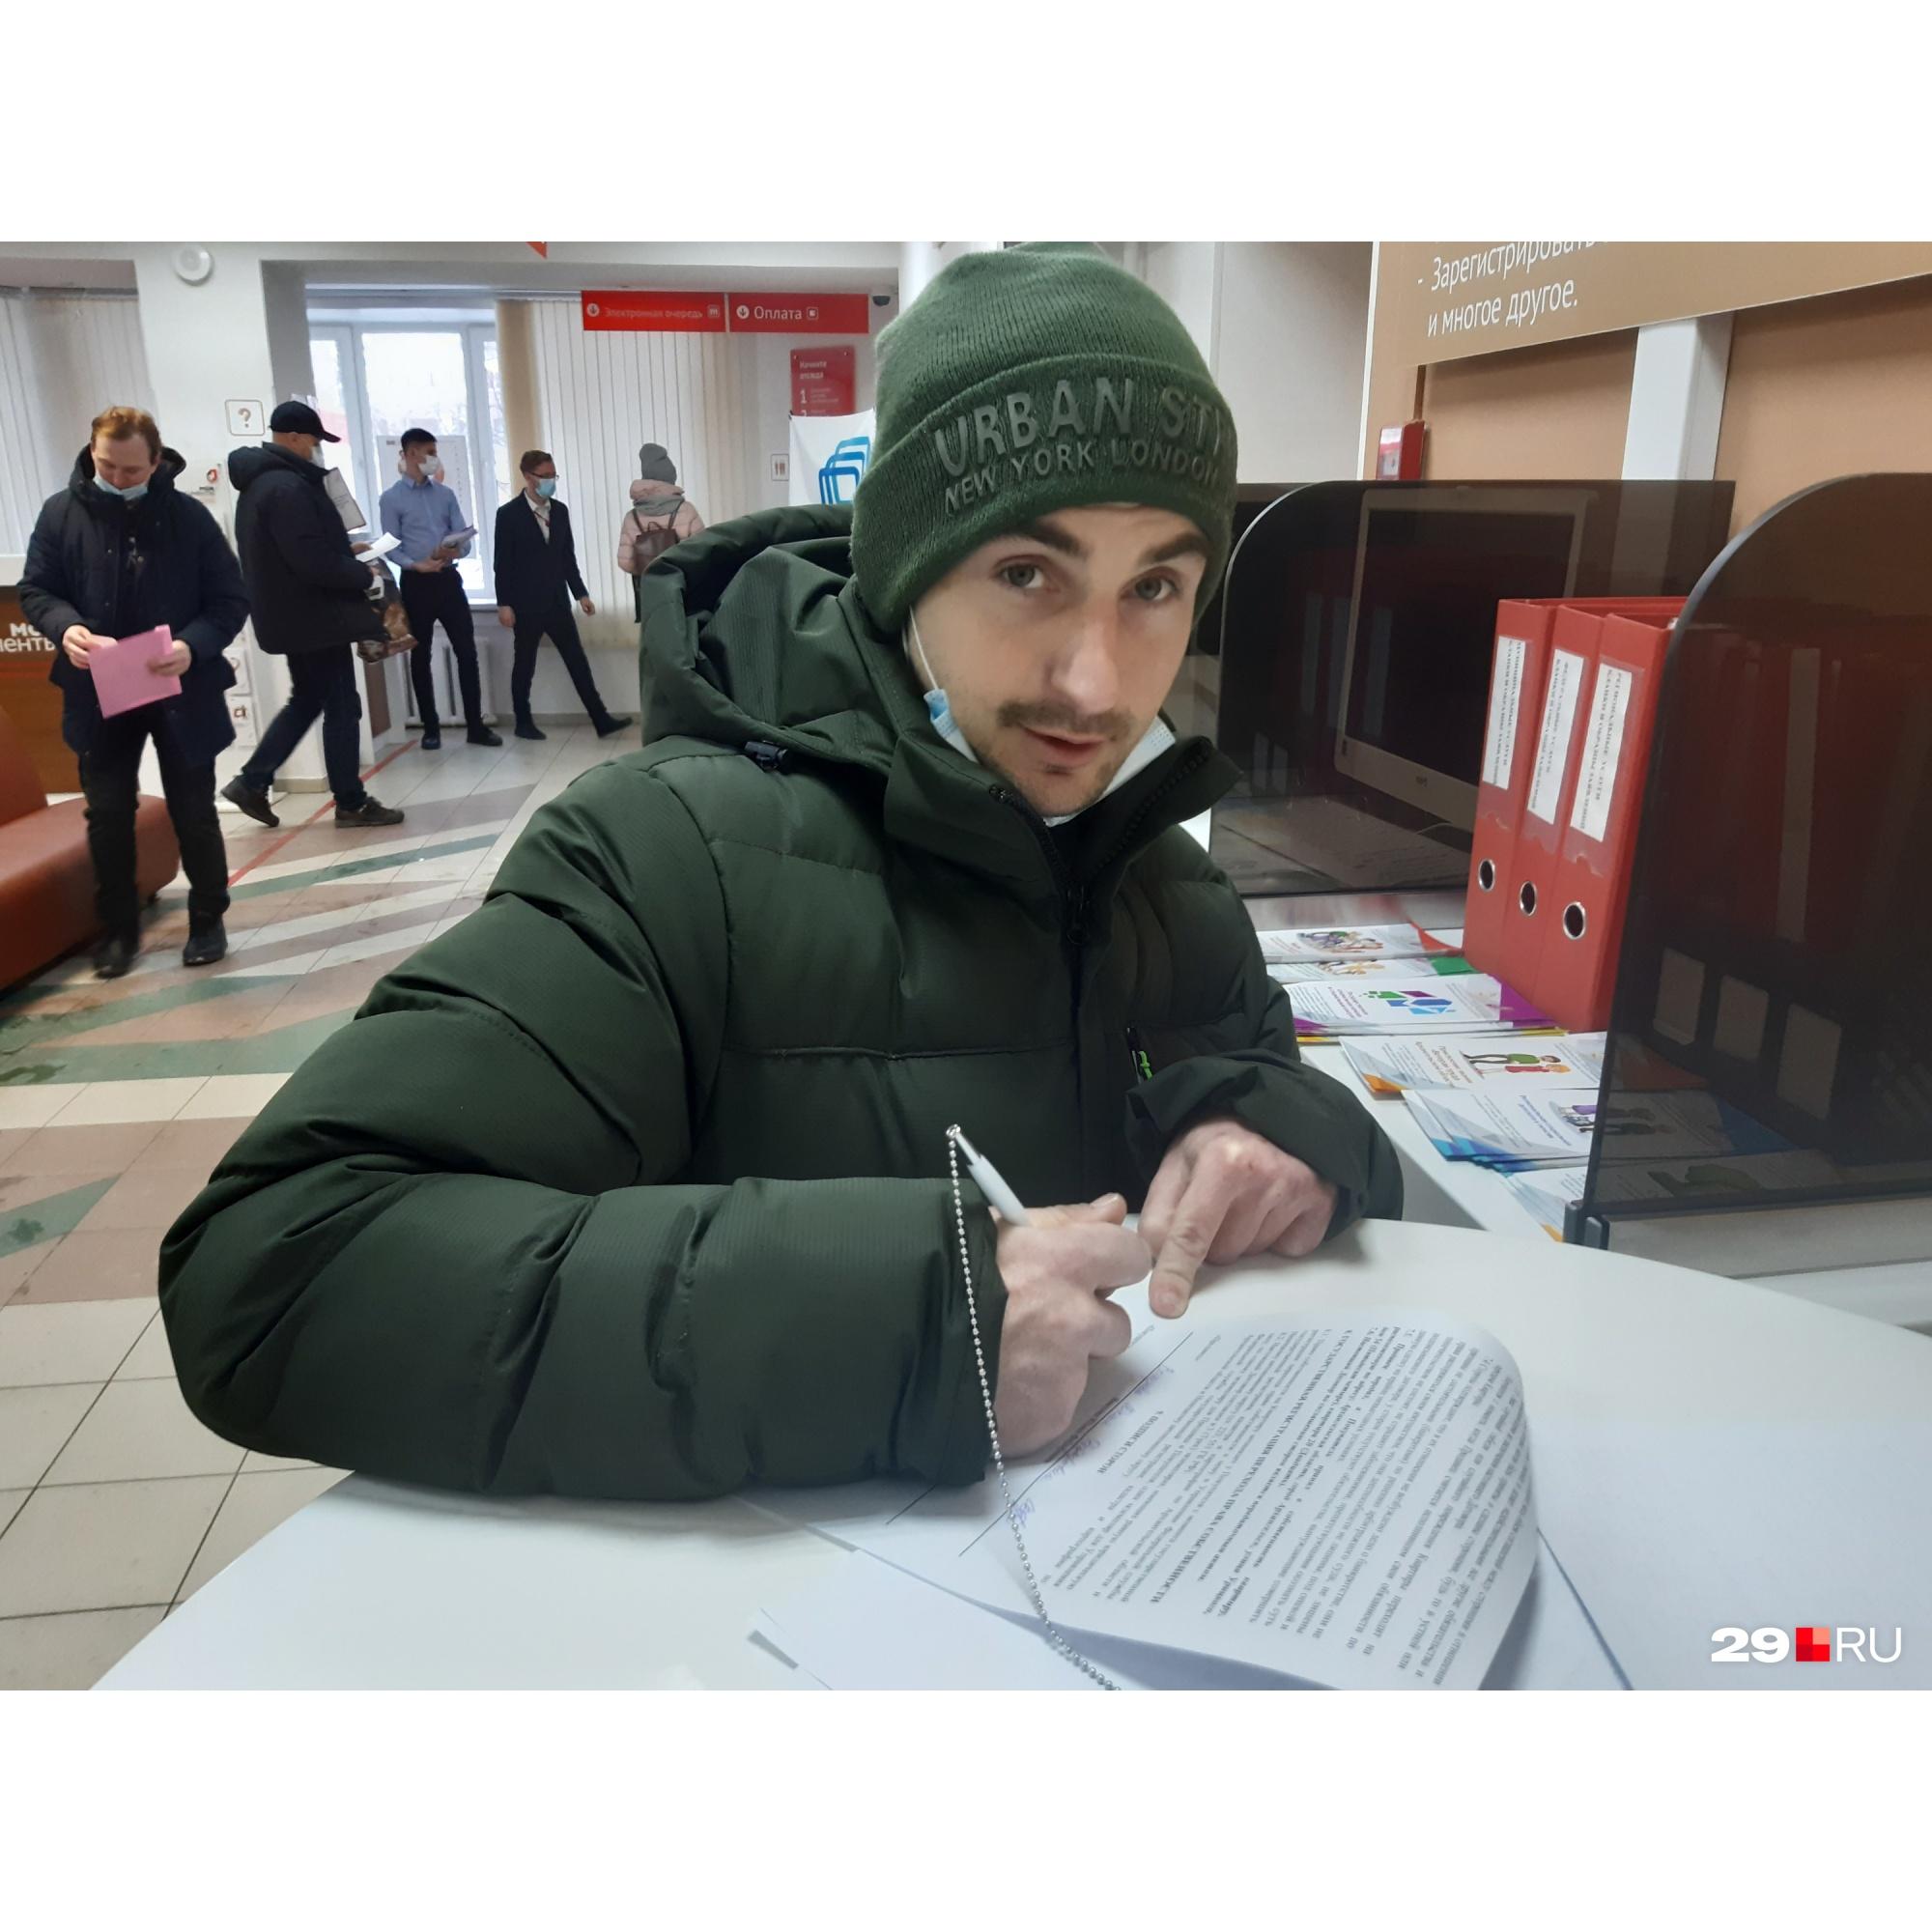 Артём Архипов сказал, что пребывает в шоке от того, сколько людей захотели ему помочь